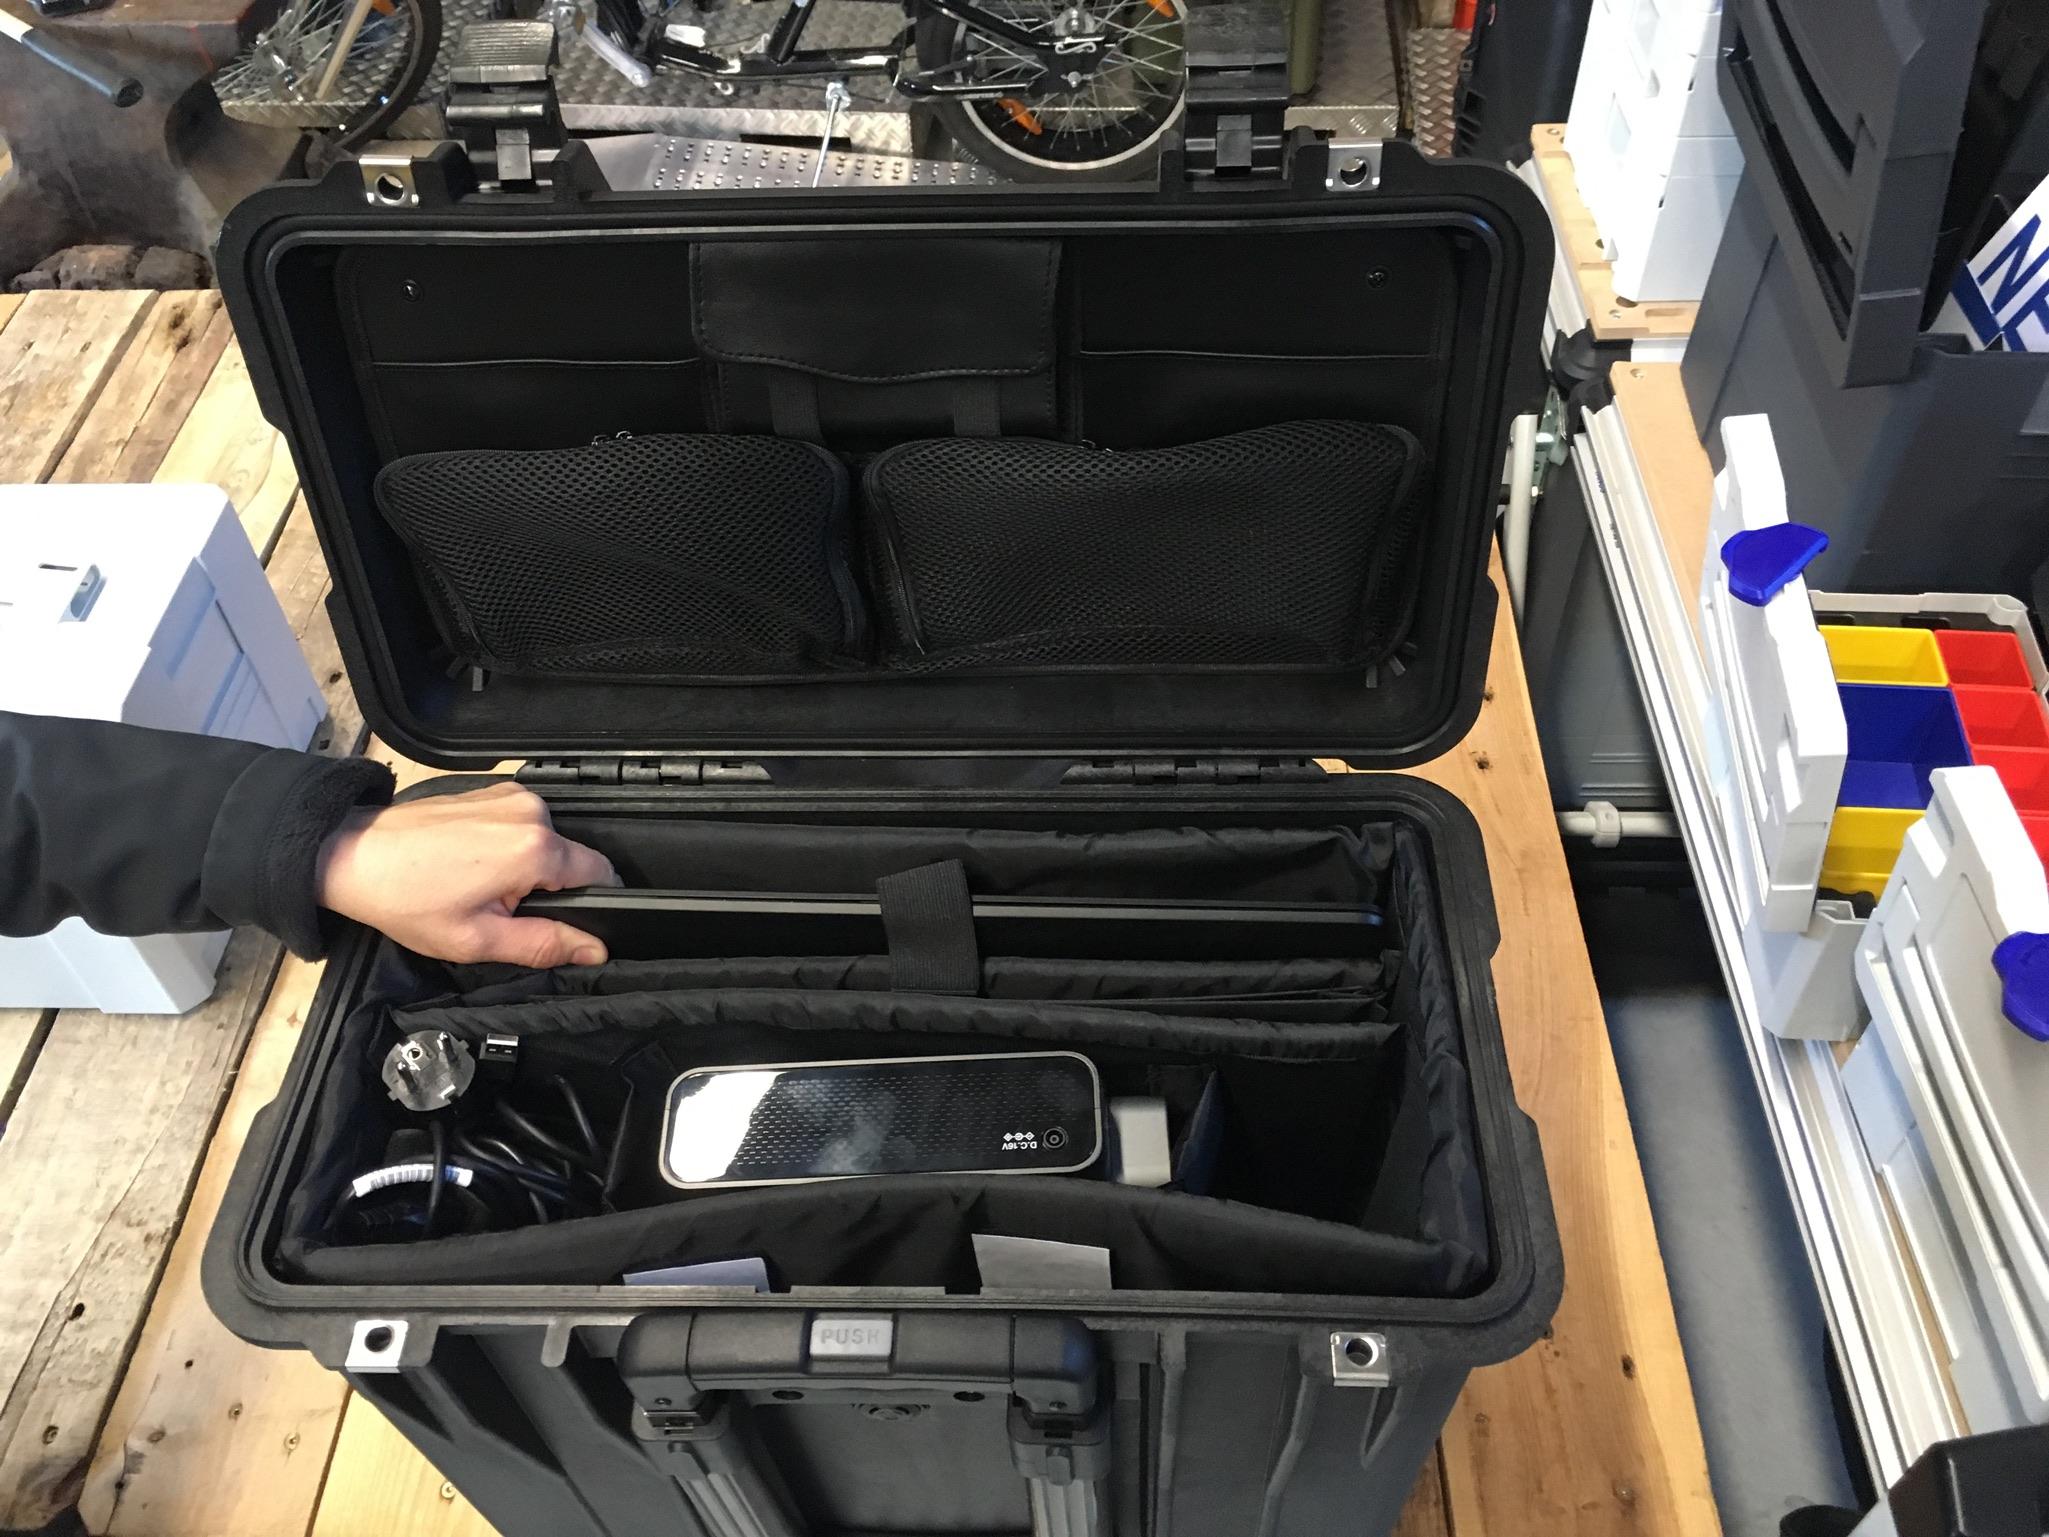 peli-case-1440-laptop-15-zoll